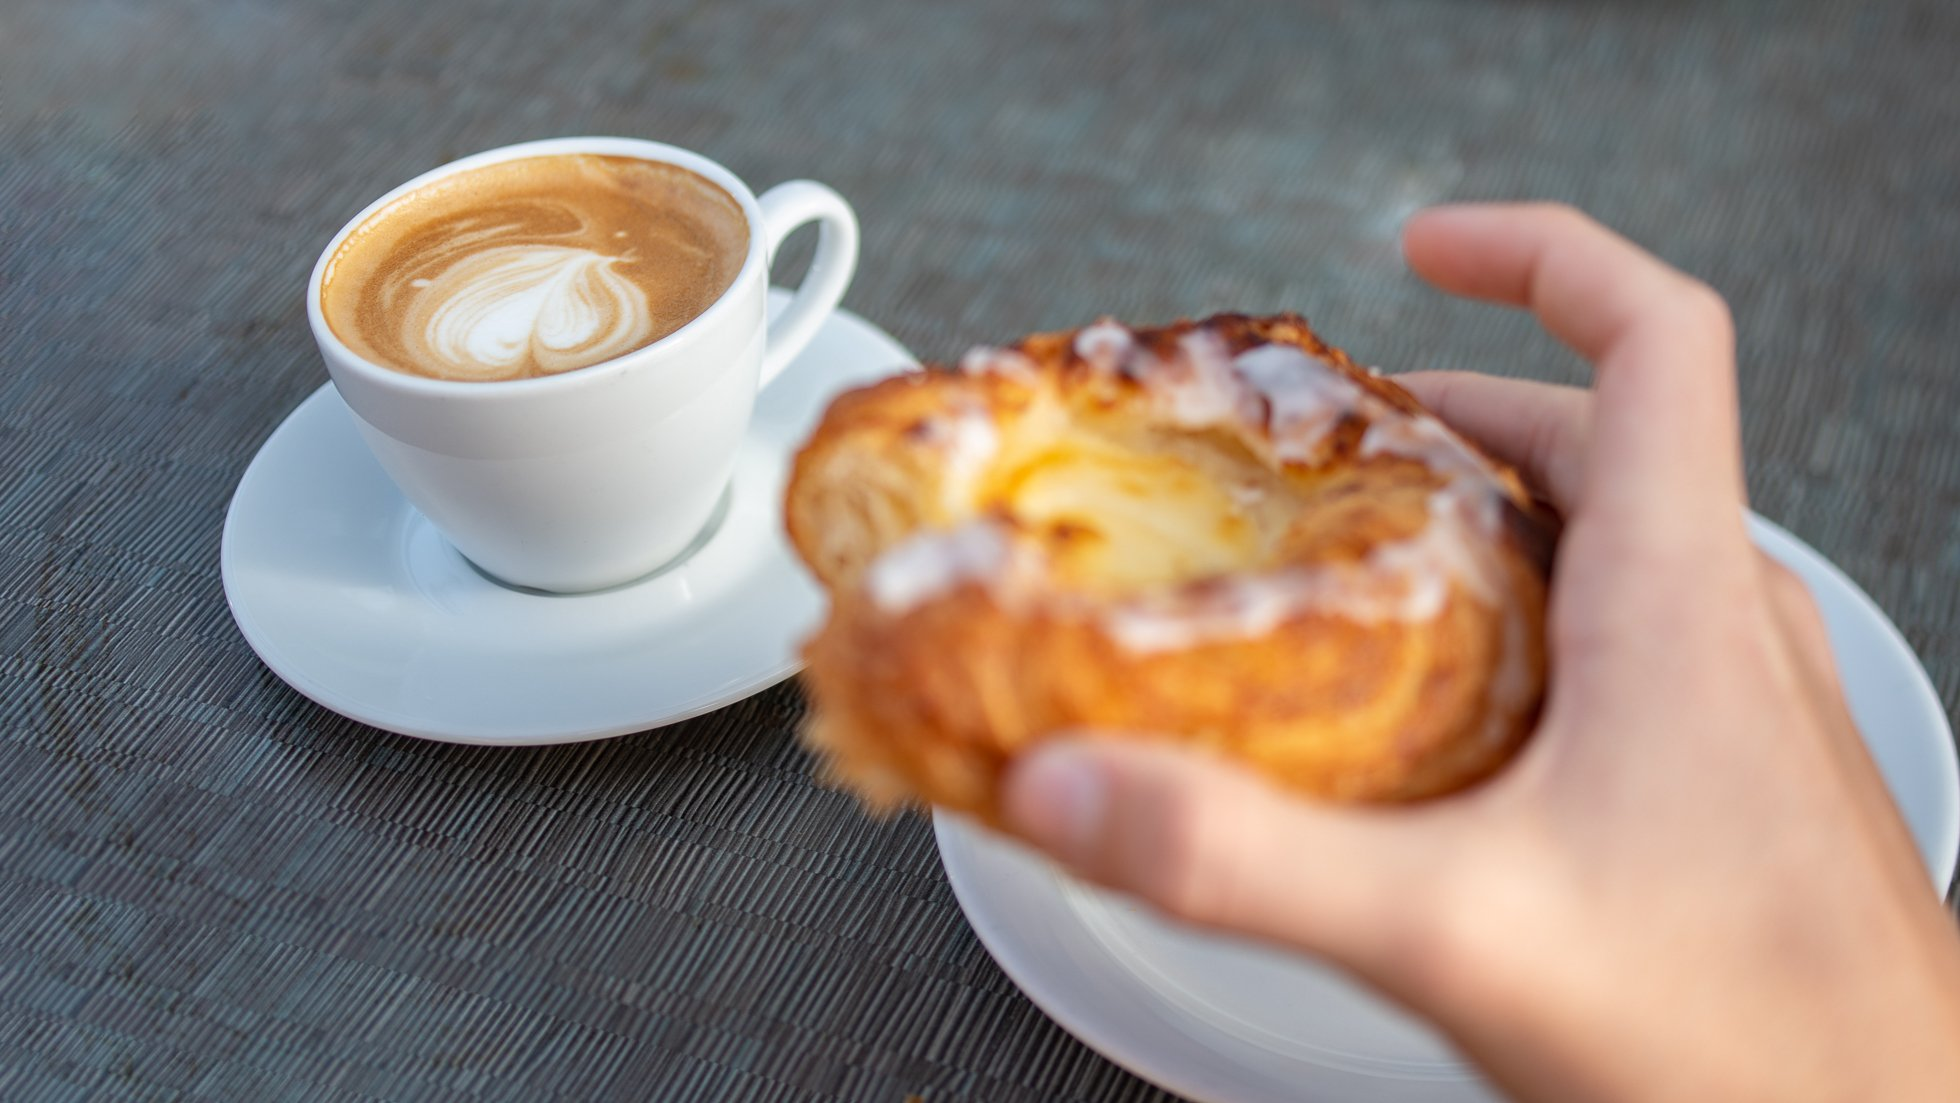 en kaffekopp med ett fat och en hand som håller i ett Wienerbröd